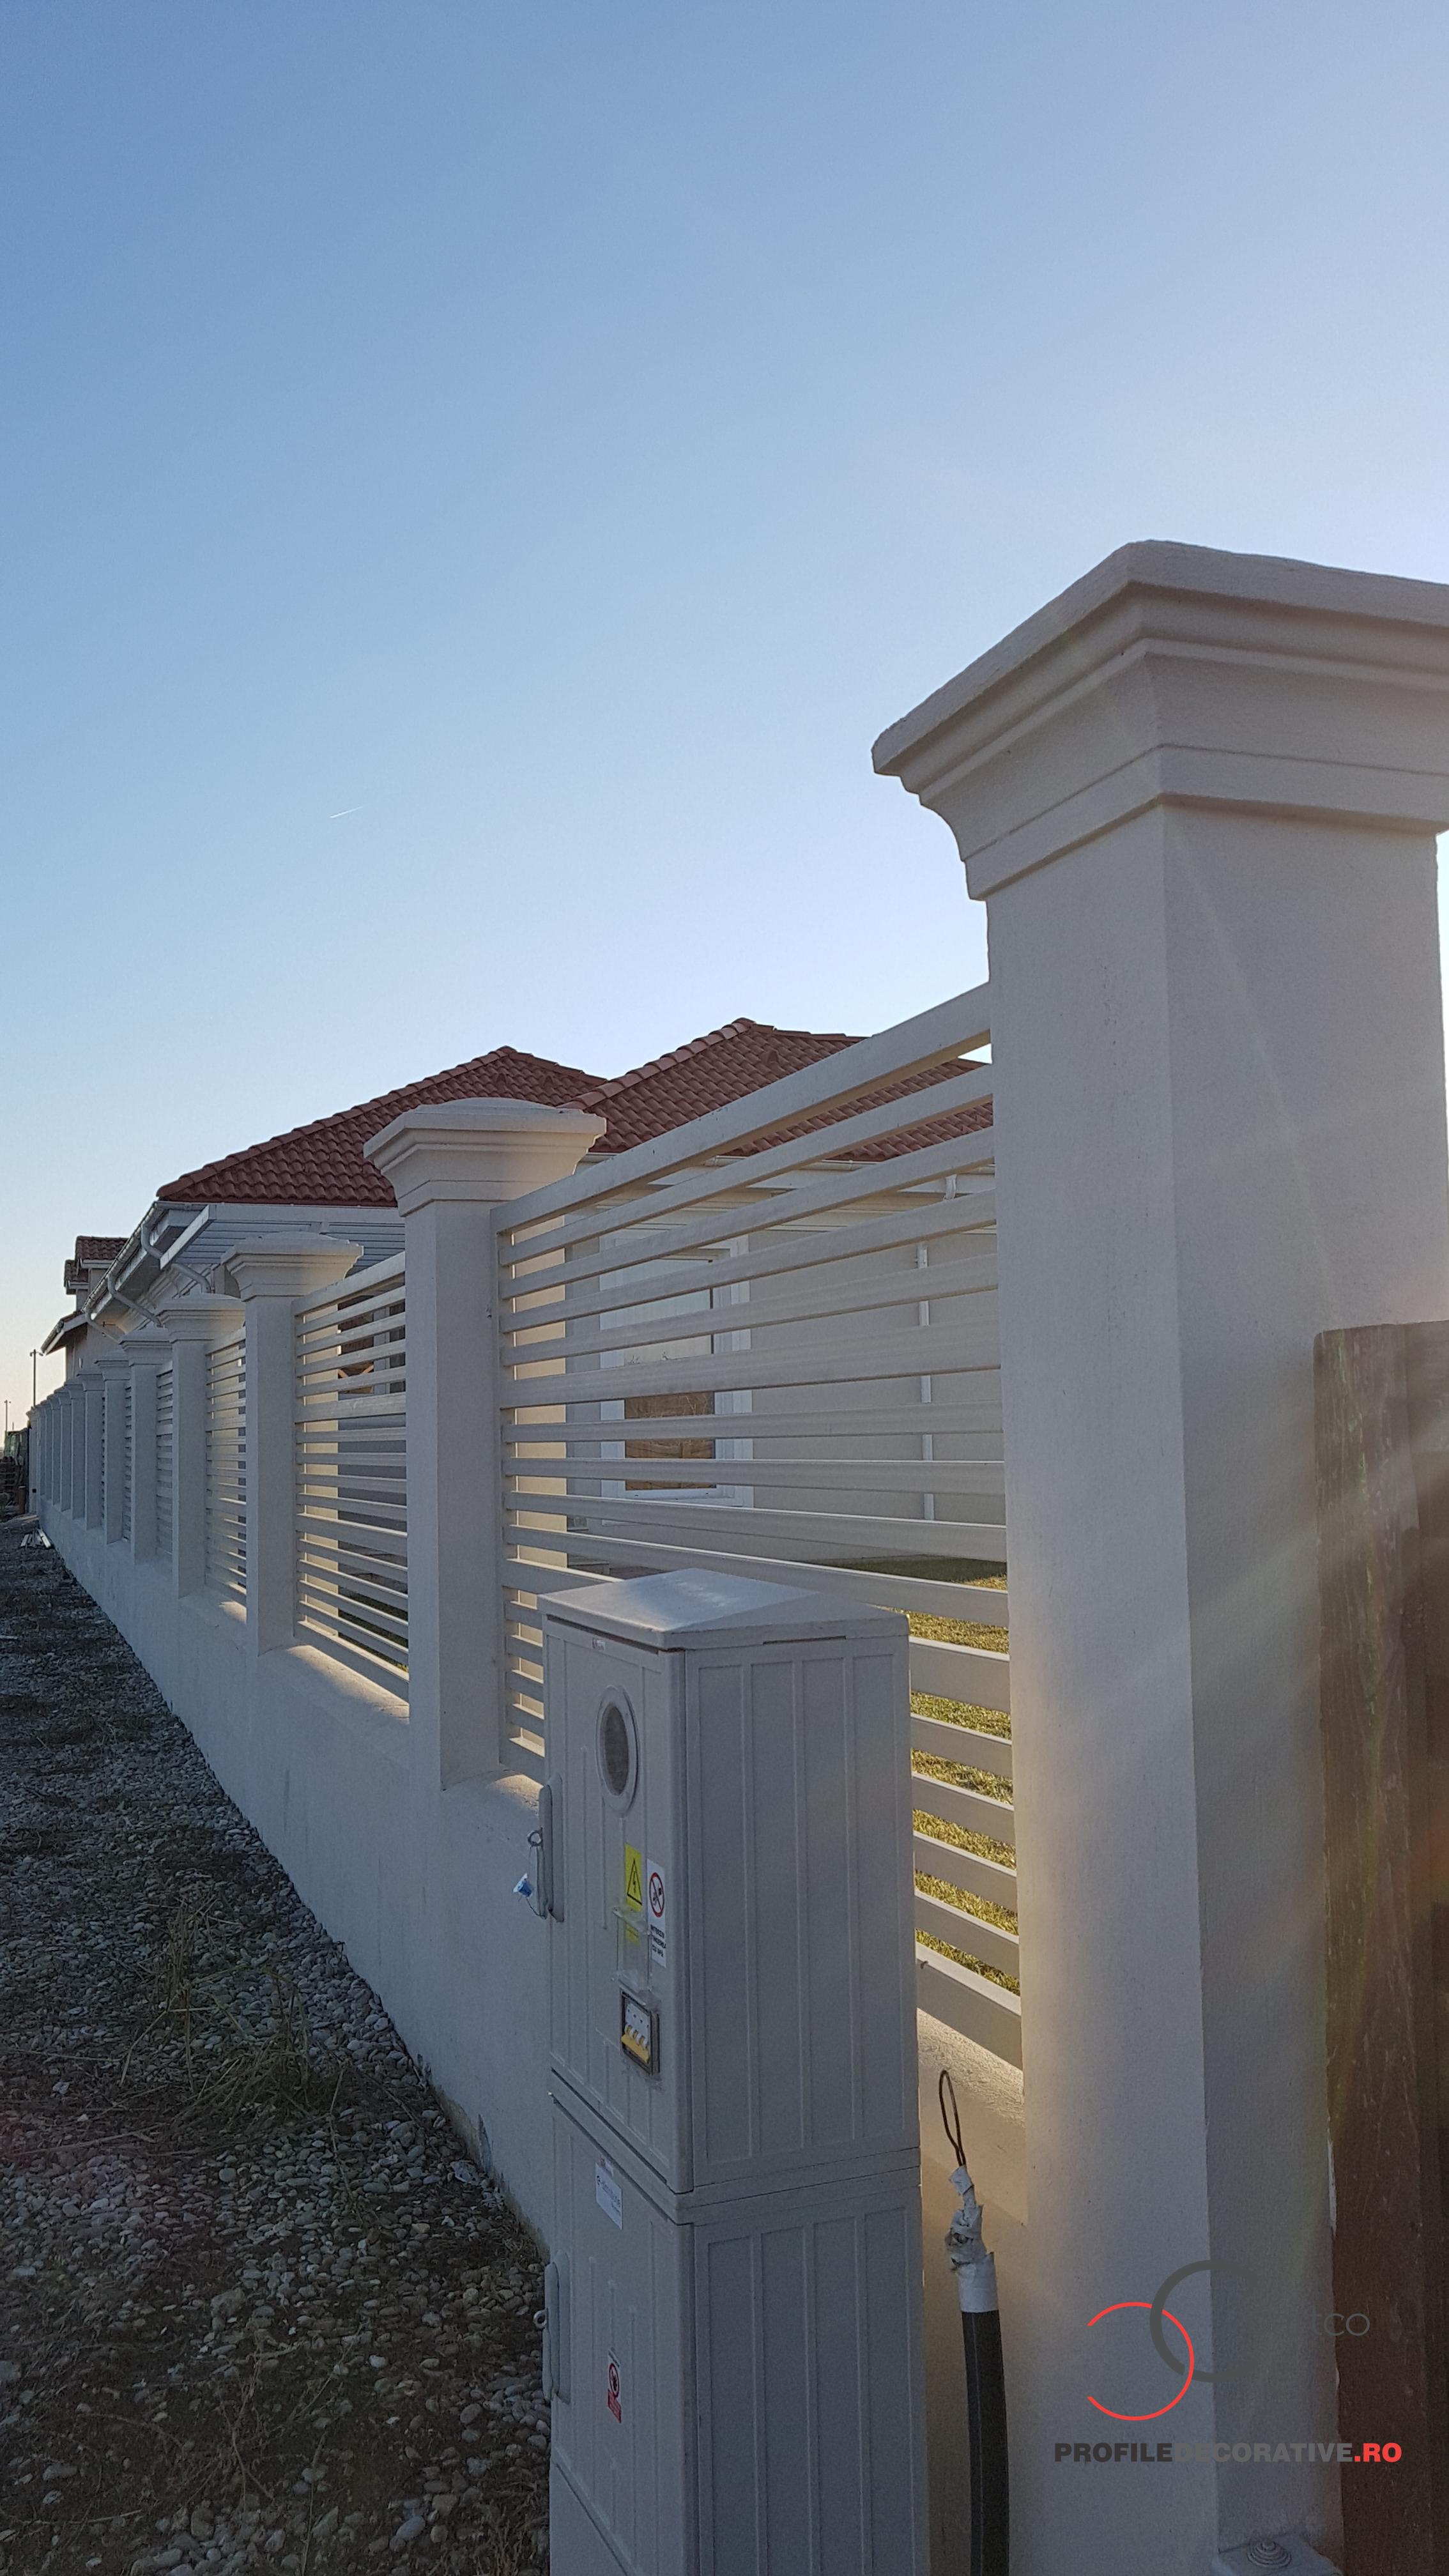 Gard decorativ cu elemente arhitecturale, pret casa de vanzare Tamas, Corbeanca